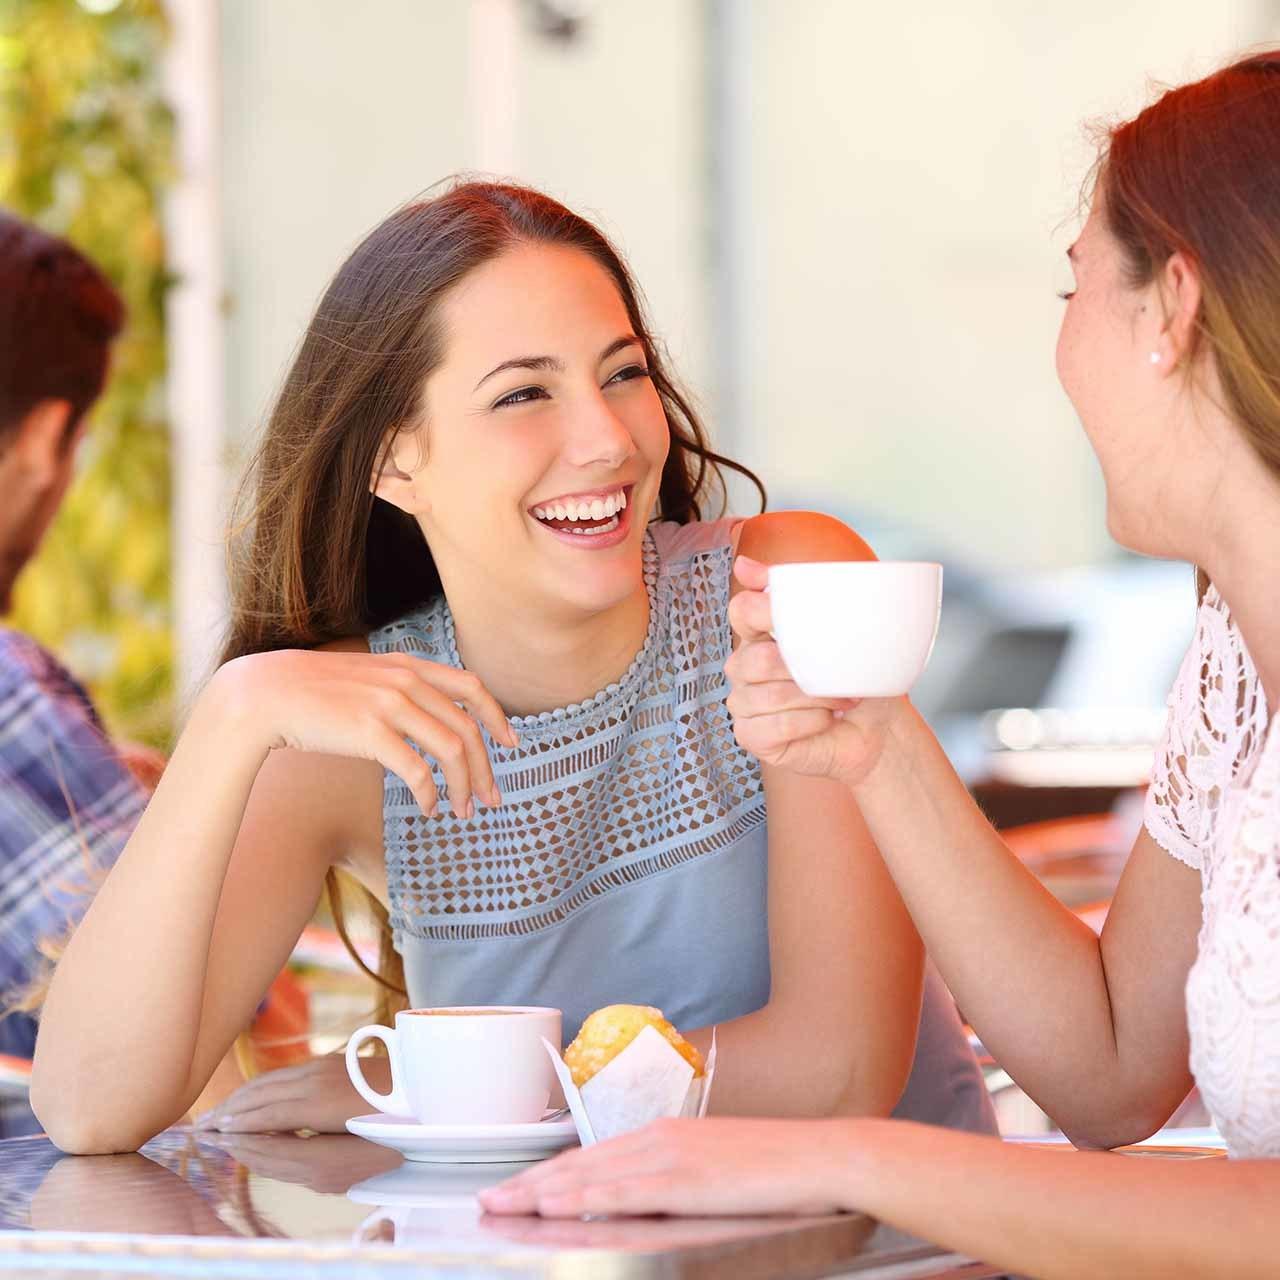 女友達と話す笑顔が美しい女性